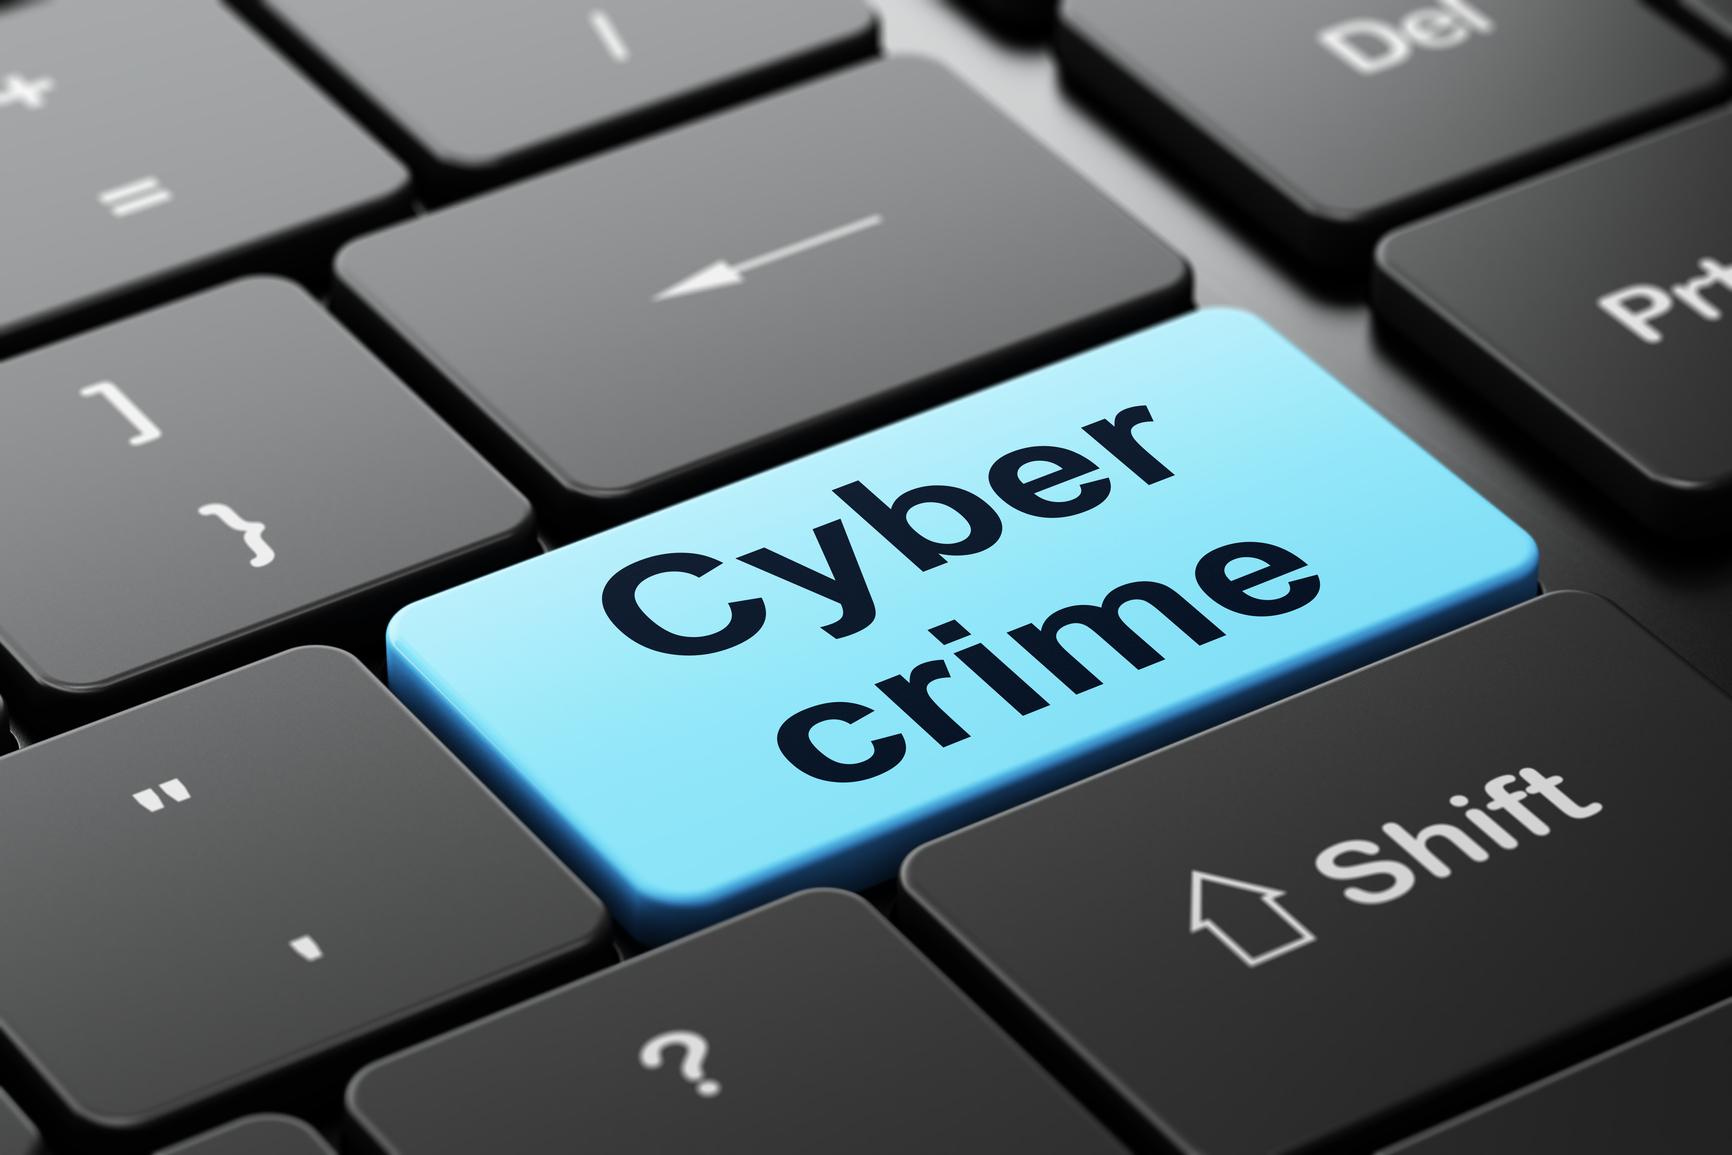 Βόζεμπεργκ_ευρωβουλευτής_κυβερνοέγκλημα_cybercrime_πρόληψη_έκθεση_Στρασβούργο_προληπτικά_μέτρα